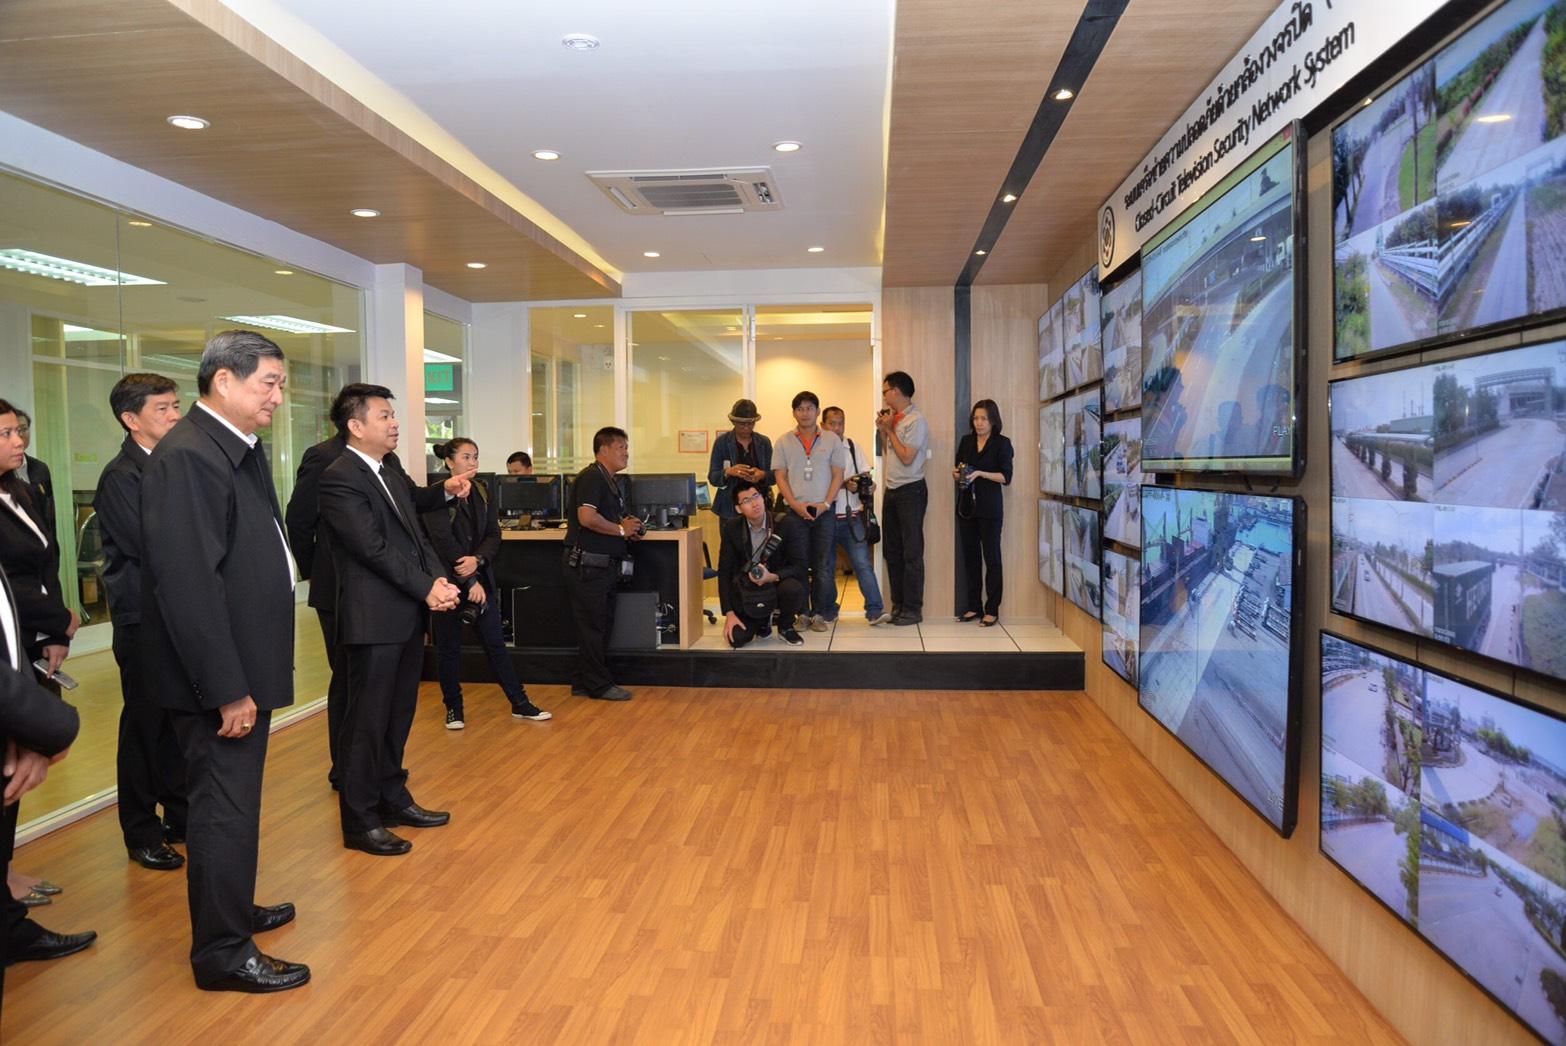 พลเอก ศิริชัย ดิษฐกุล พร้อมด้วยผู้บริหารระดับสูง กระทรวงแรงงาน เดินทางไปตรวจเยี่ยม และรับฟังมาตรการความปลอดภัยในการทำงานจังหวัดระยอง ภาพรวมการดำเนินงานของการนิคมอุตสาหกรรมแห่งประเทศไทย และการบริหารจัดการด้านสิ่งแวดล้อมและความปลอดภัยในกลุ่มนิคมอุตสาหกรรมแล